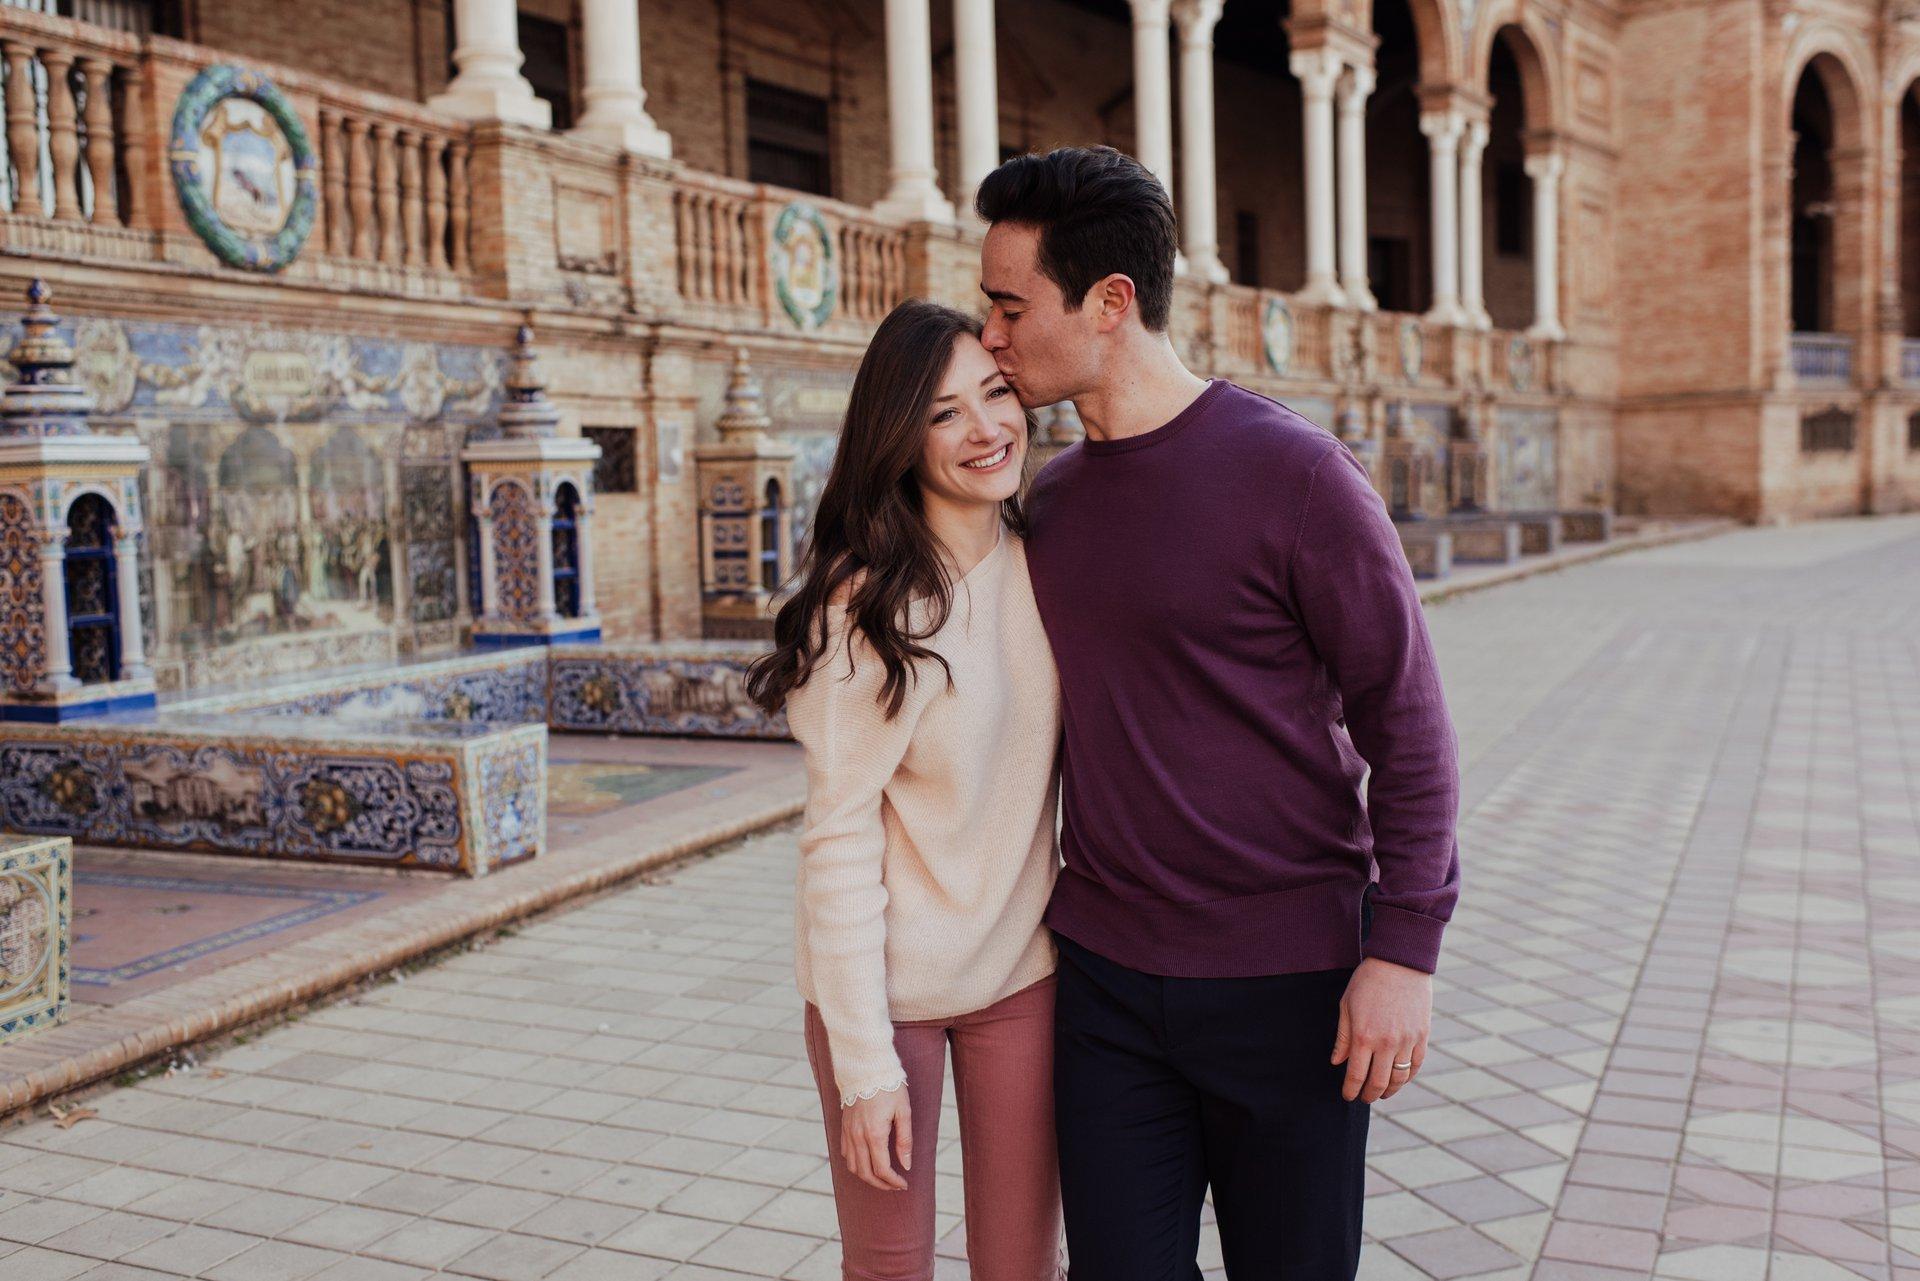 dating site espana frisk enlige forældre dating rådgivning